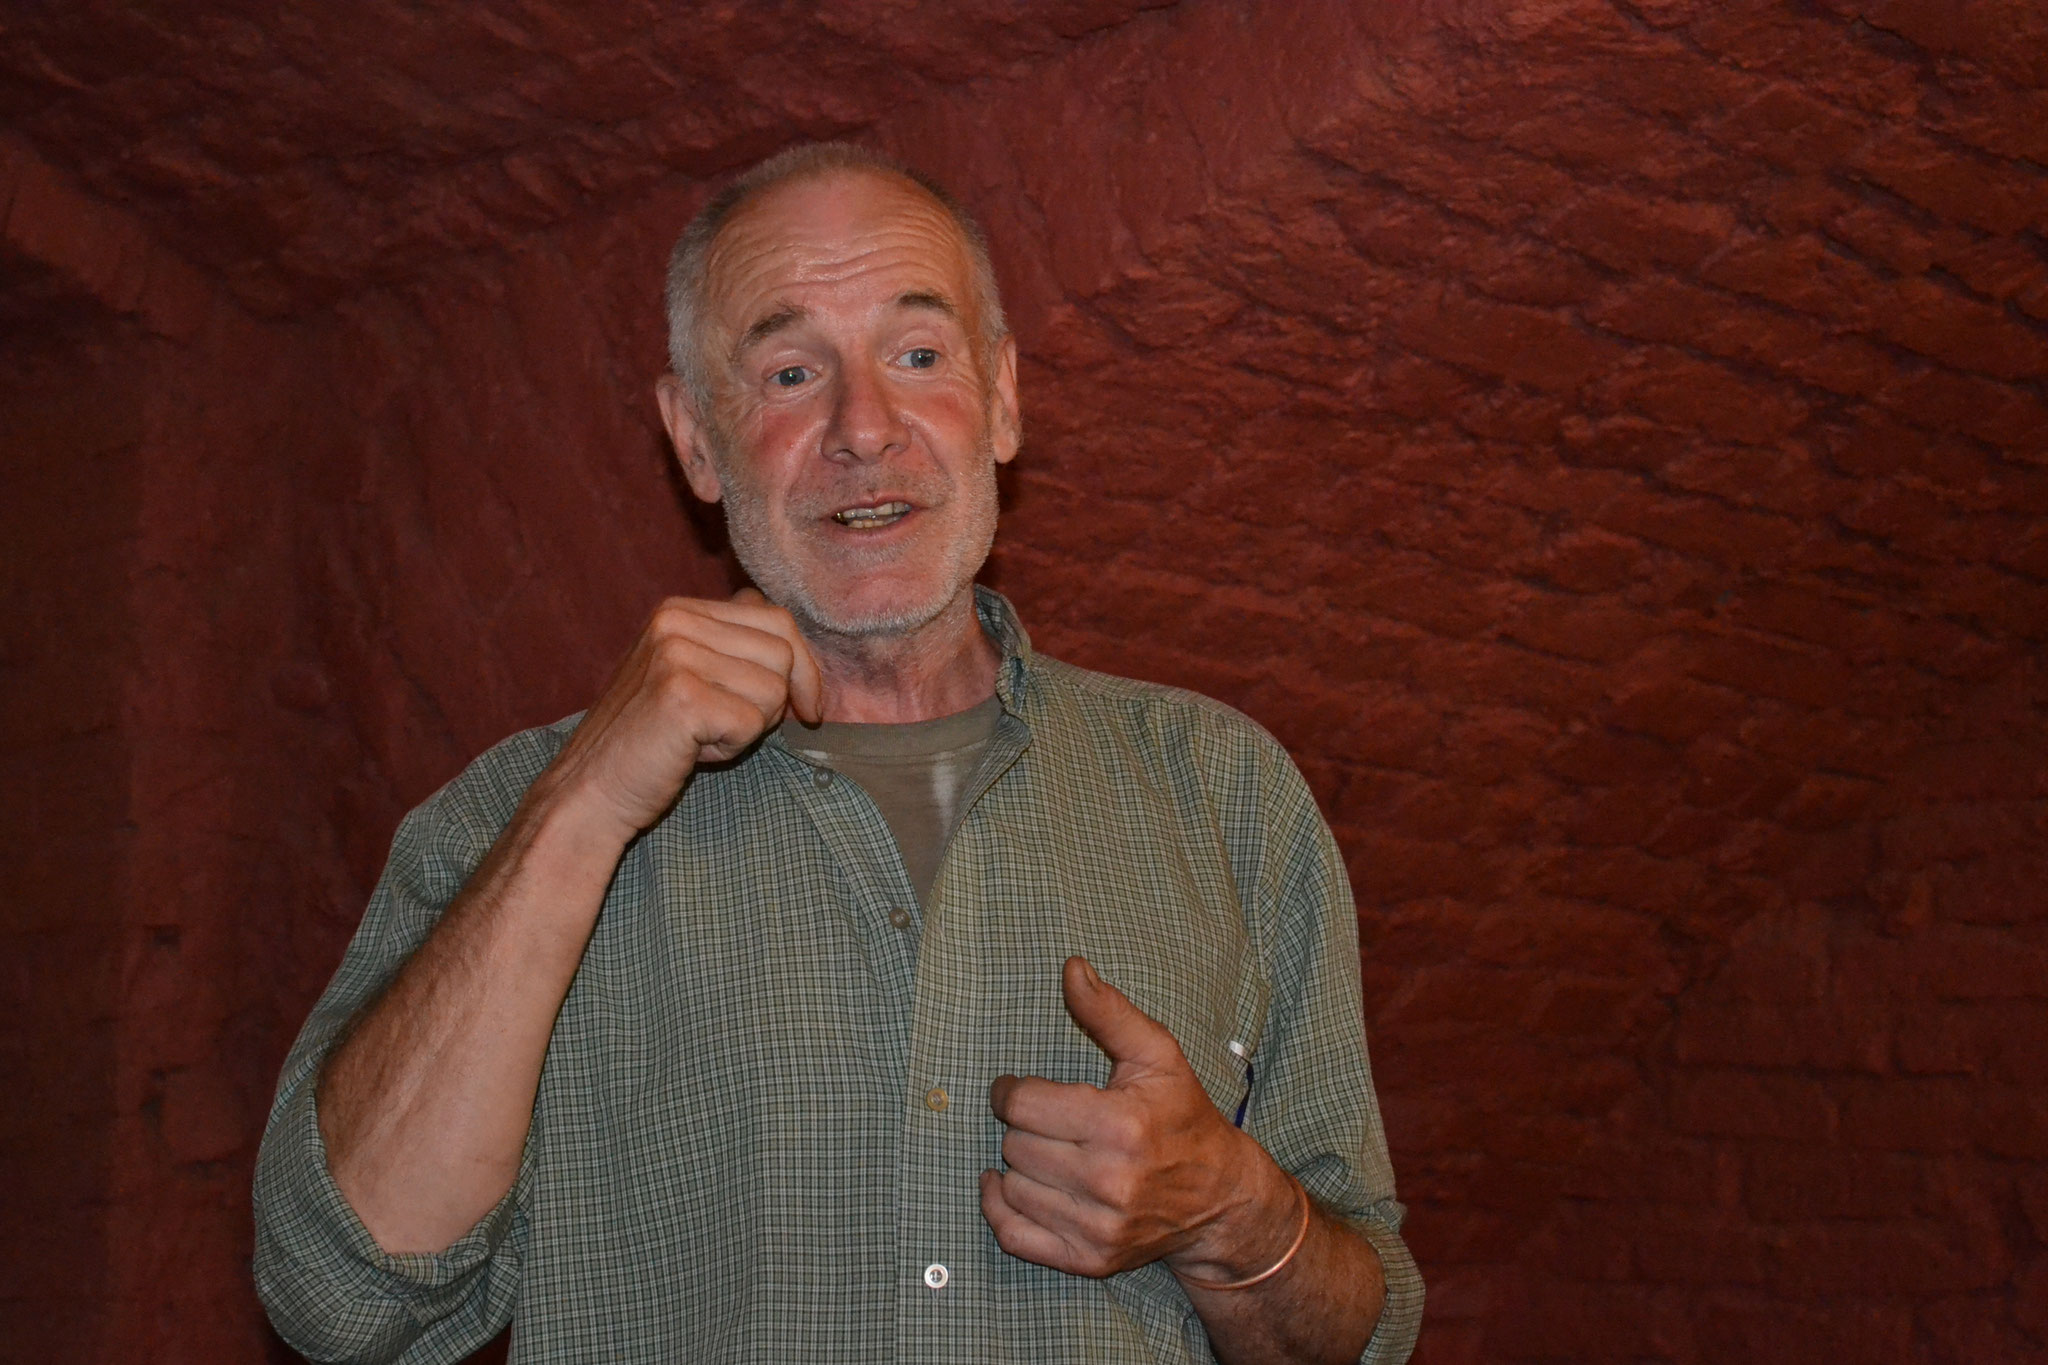 В. Кудряшов - председатель шахматного клуба в Гомеле (Беларусь)